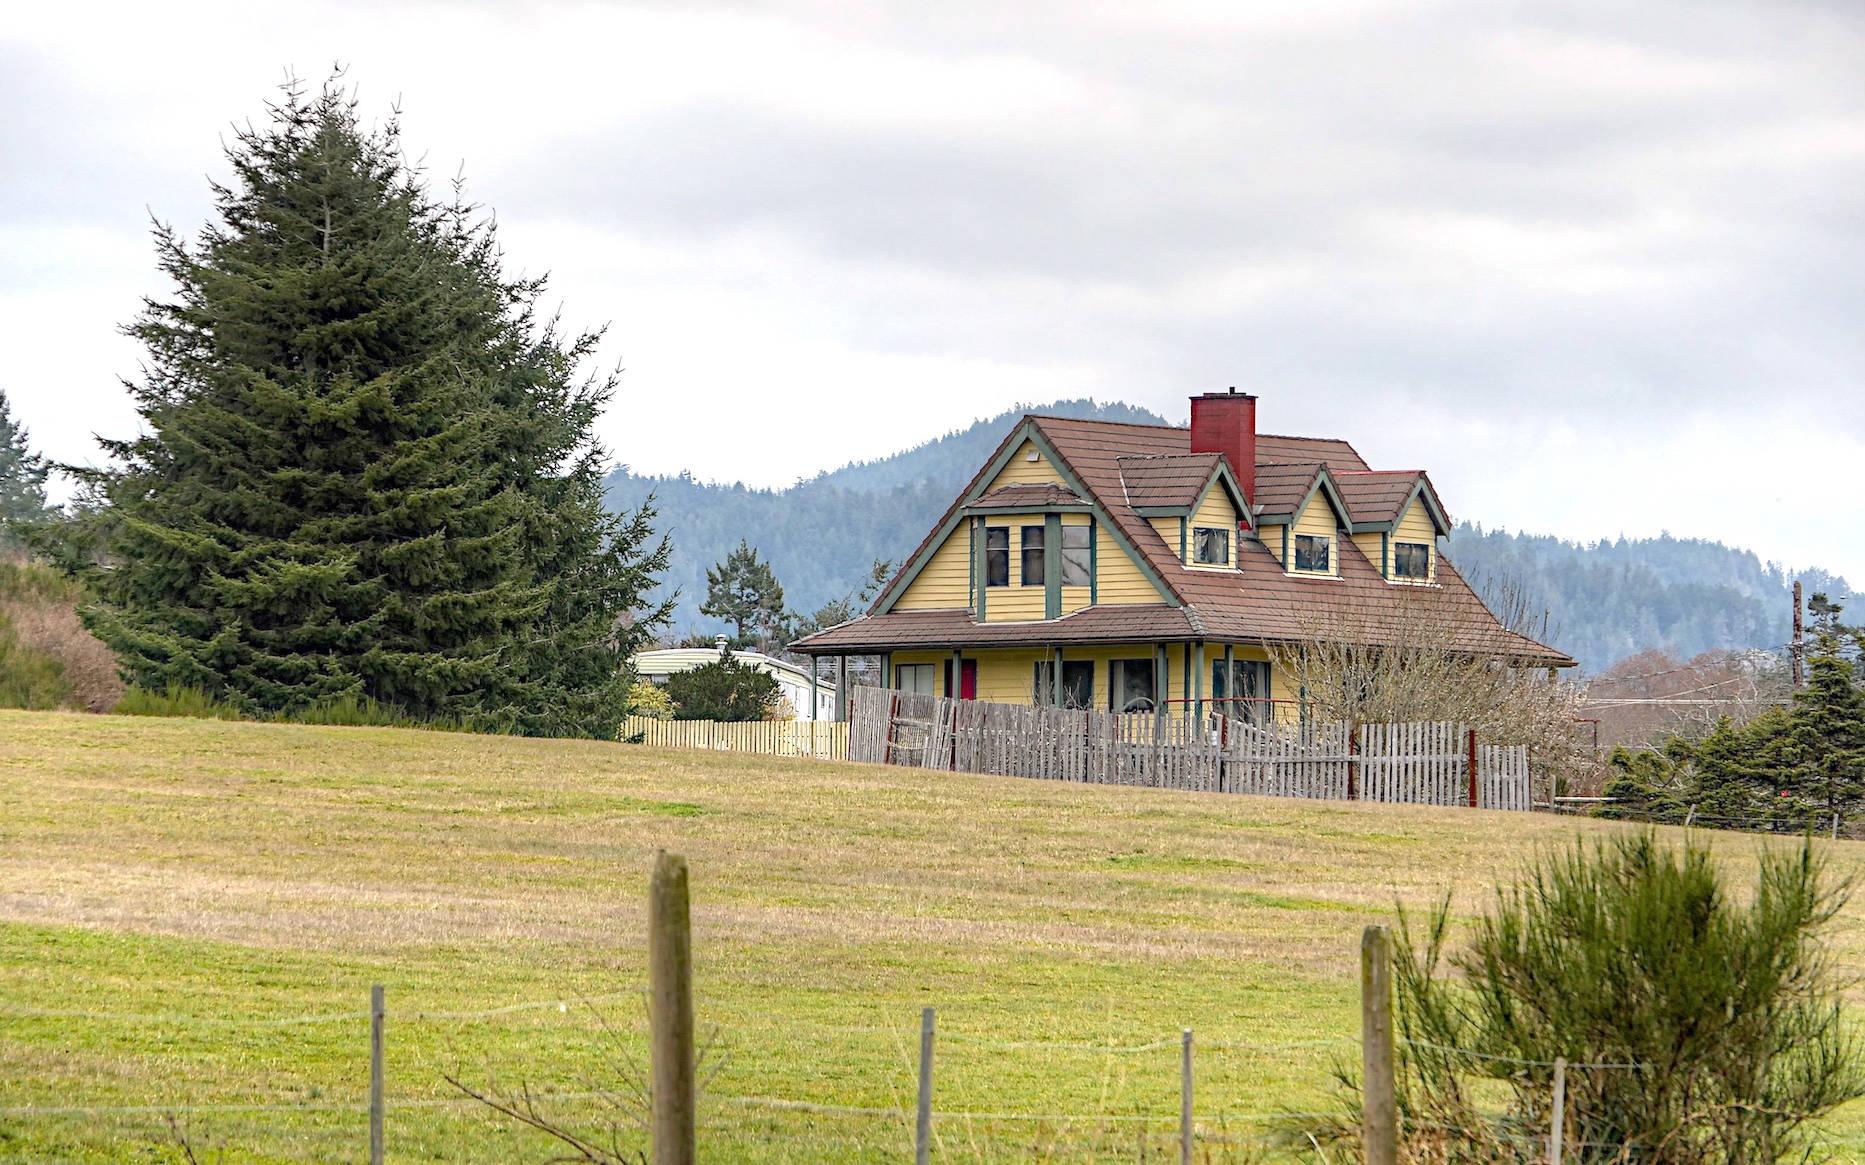 The Woodside Farm farmhouse. (Contributed photo)